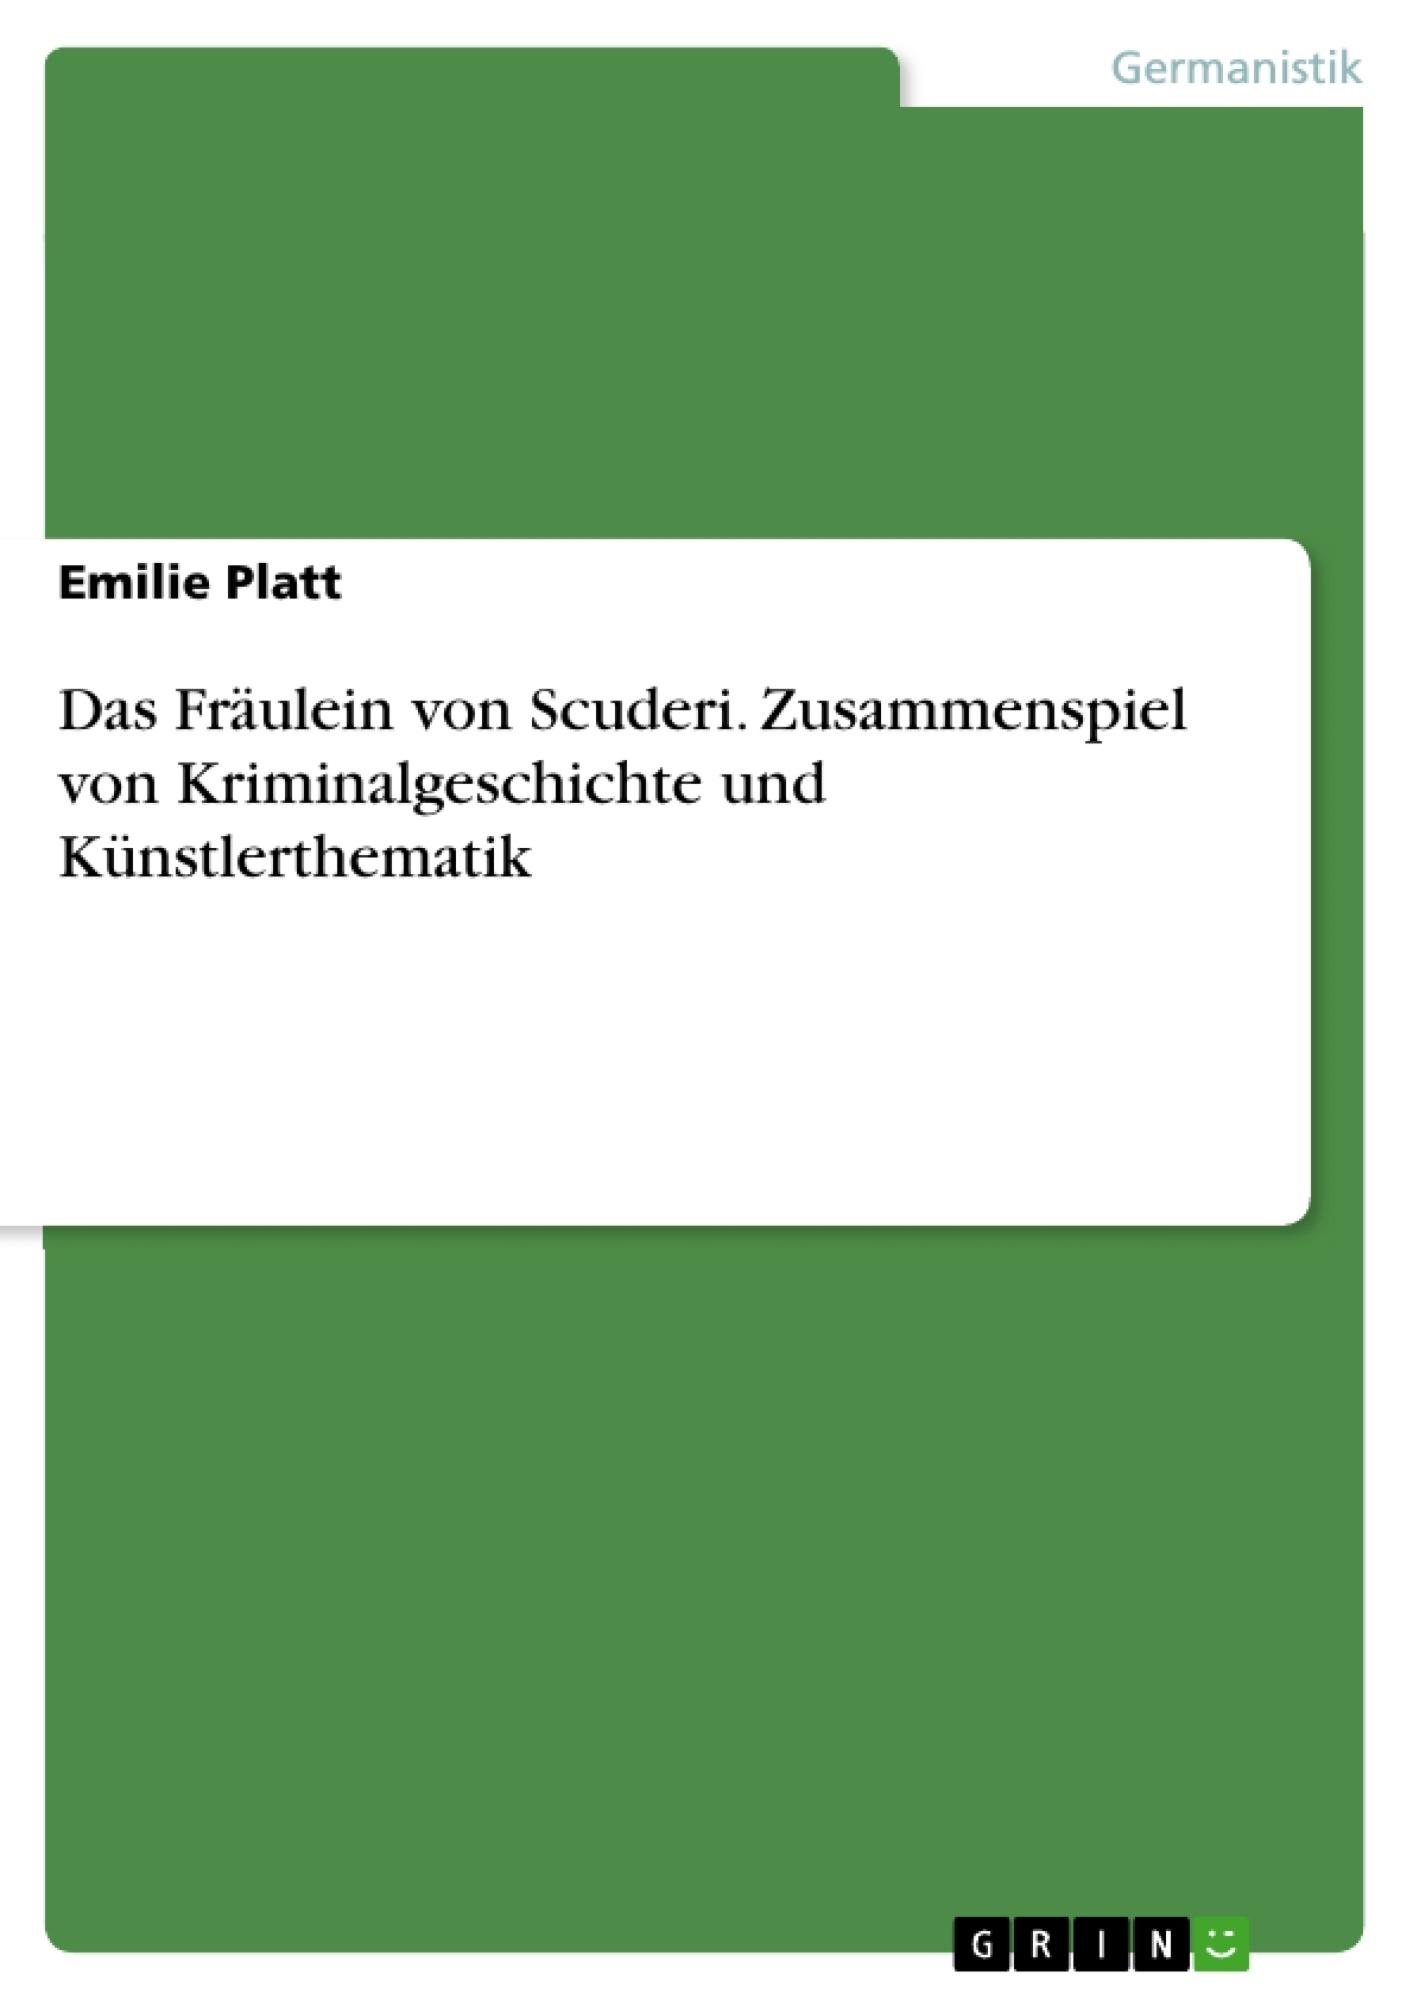 Titel: Das Fräulein von Scuderi. Zusammenspiel von Kriminalgeschichte und Künstlerthematik